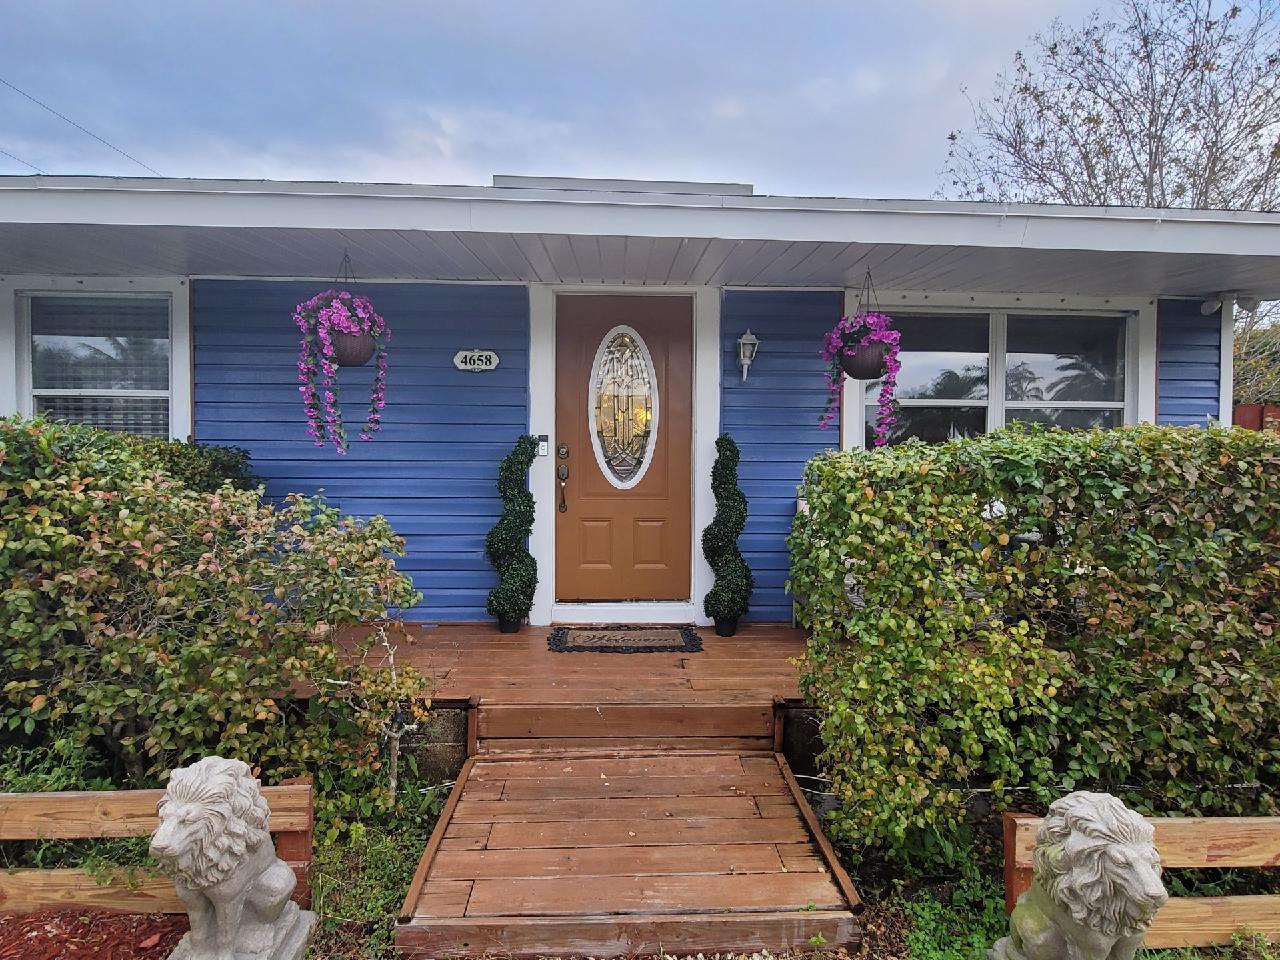 4658 Bonanza Drive Lake Worth, FL 33467